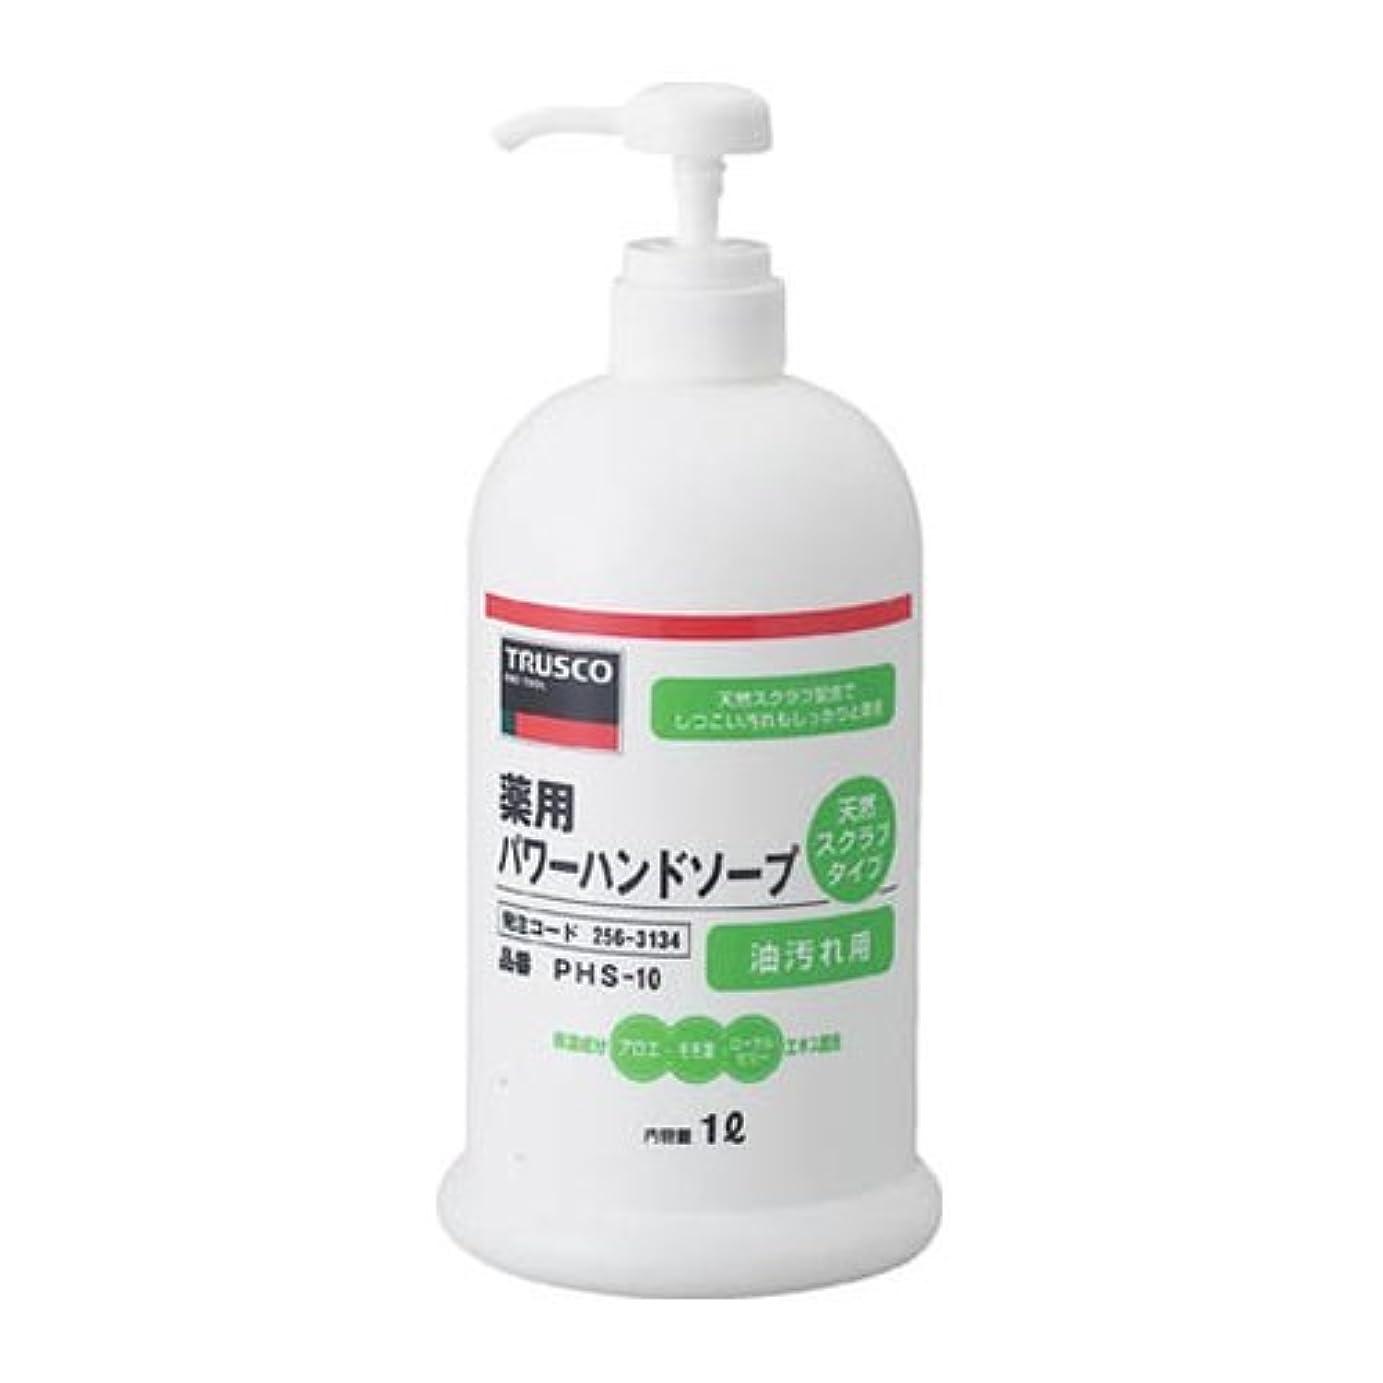 オークびっくりするヒューバートハドソンTRUSCO 薬用パワーハンドソープポンプボトル1.0L